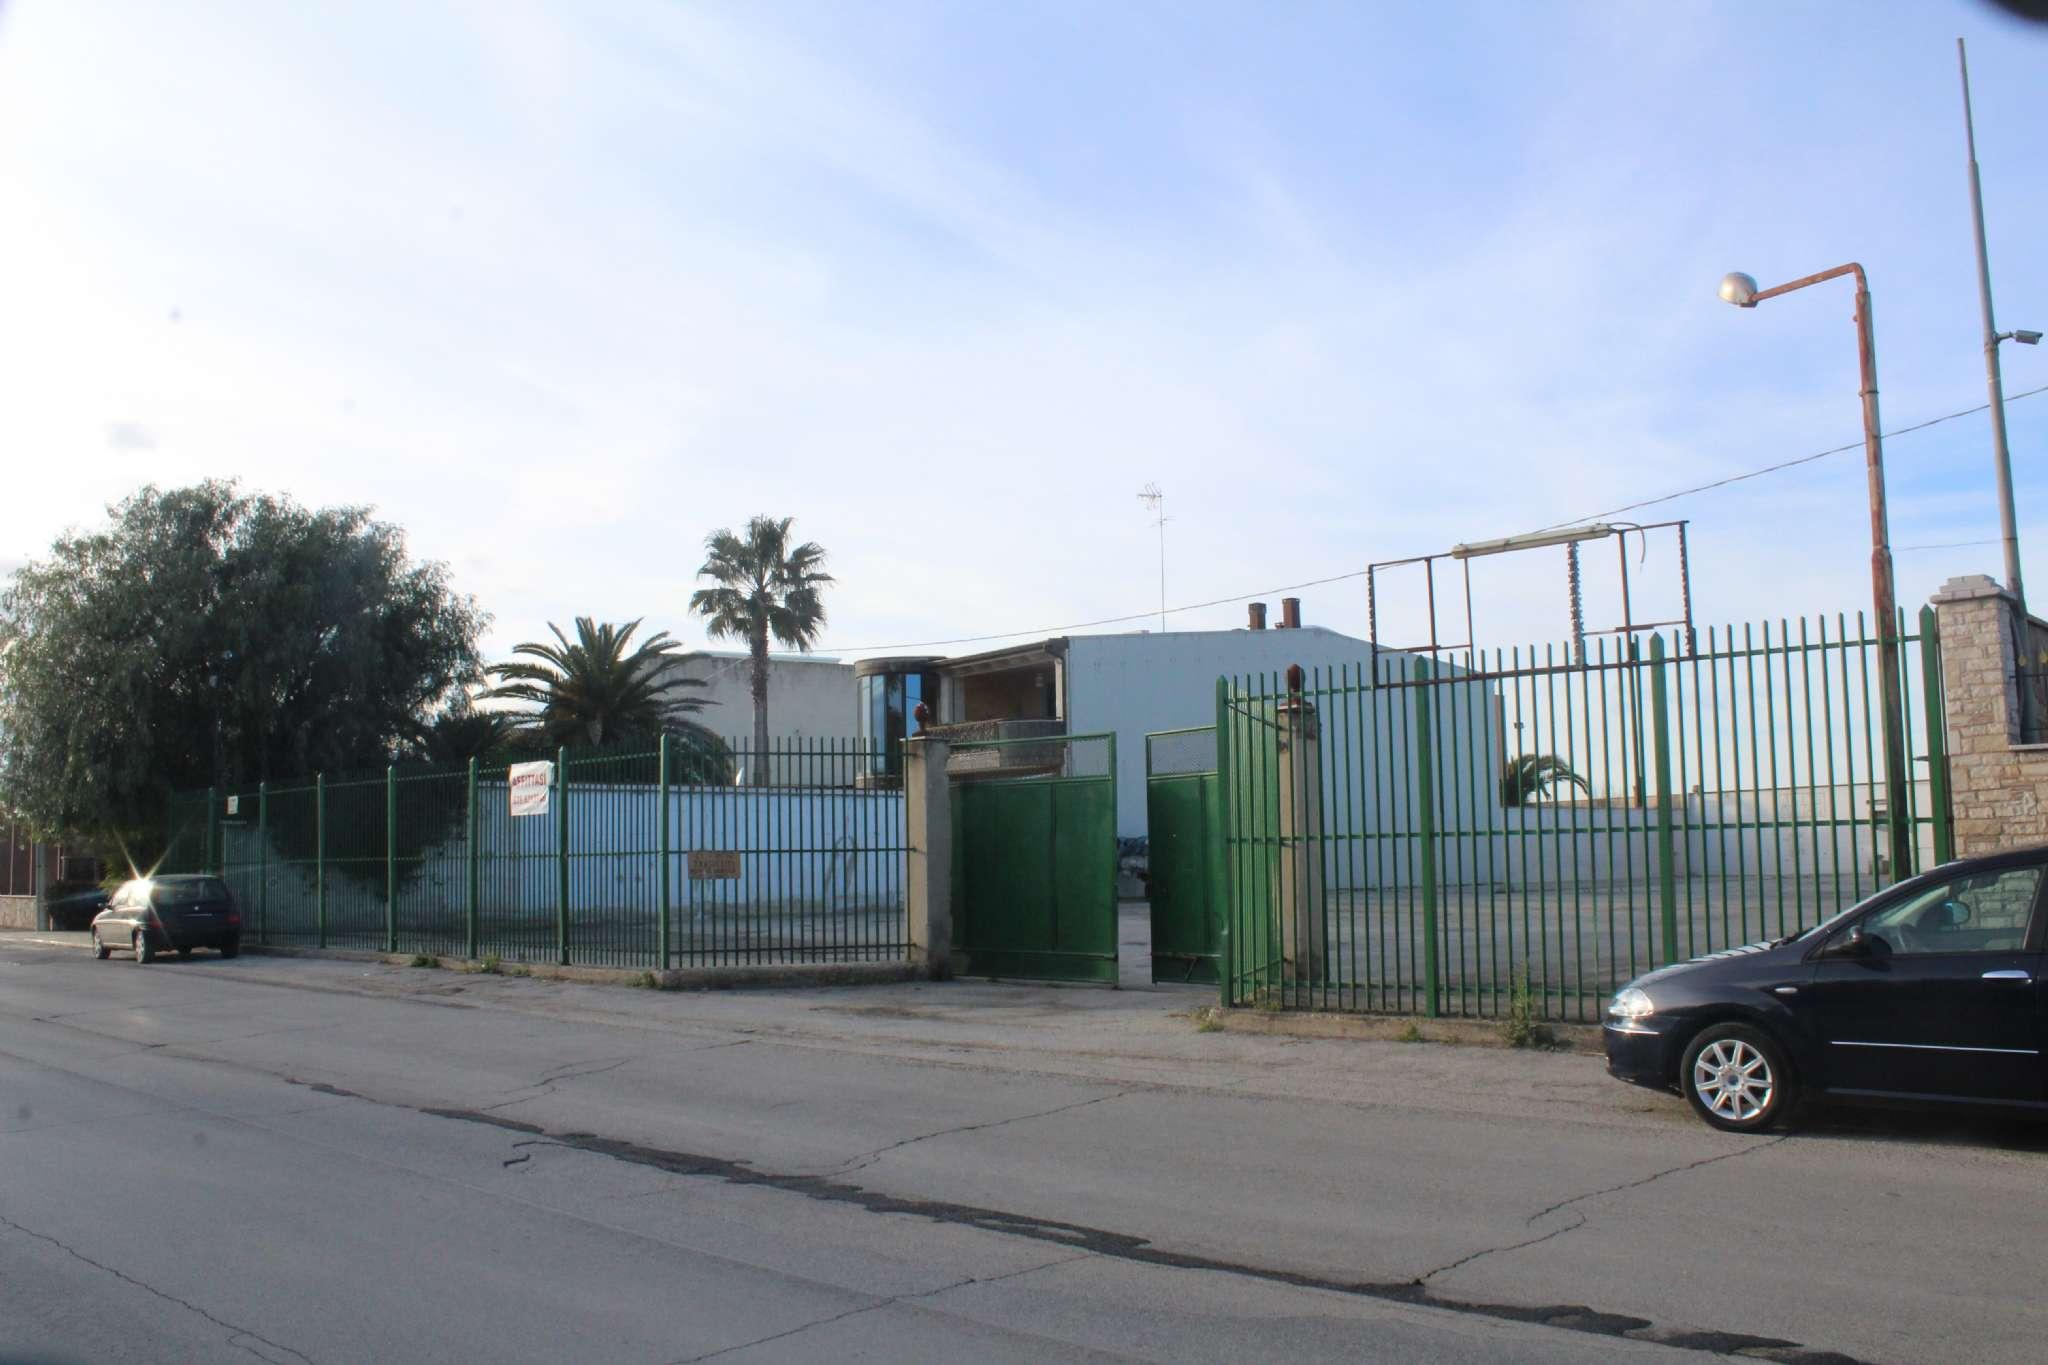 Immobile Commerciale in vendita a Andria, 1 locali, prezzo € 299.000 | PortaleAgenzieImmobiliari.it